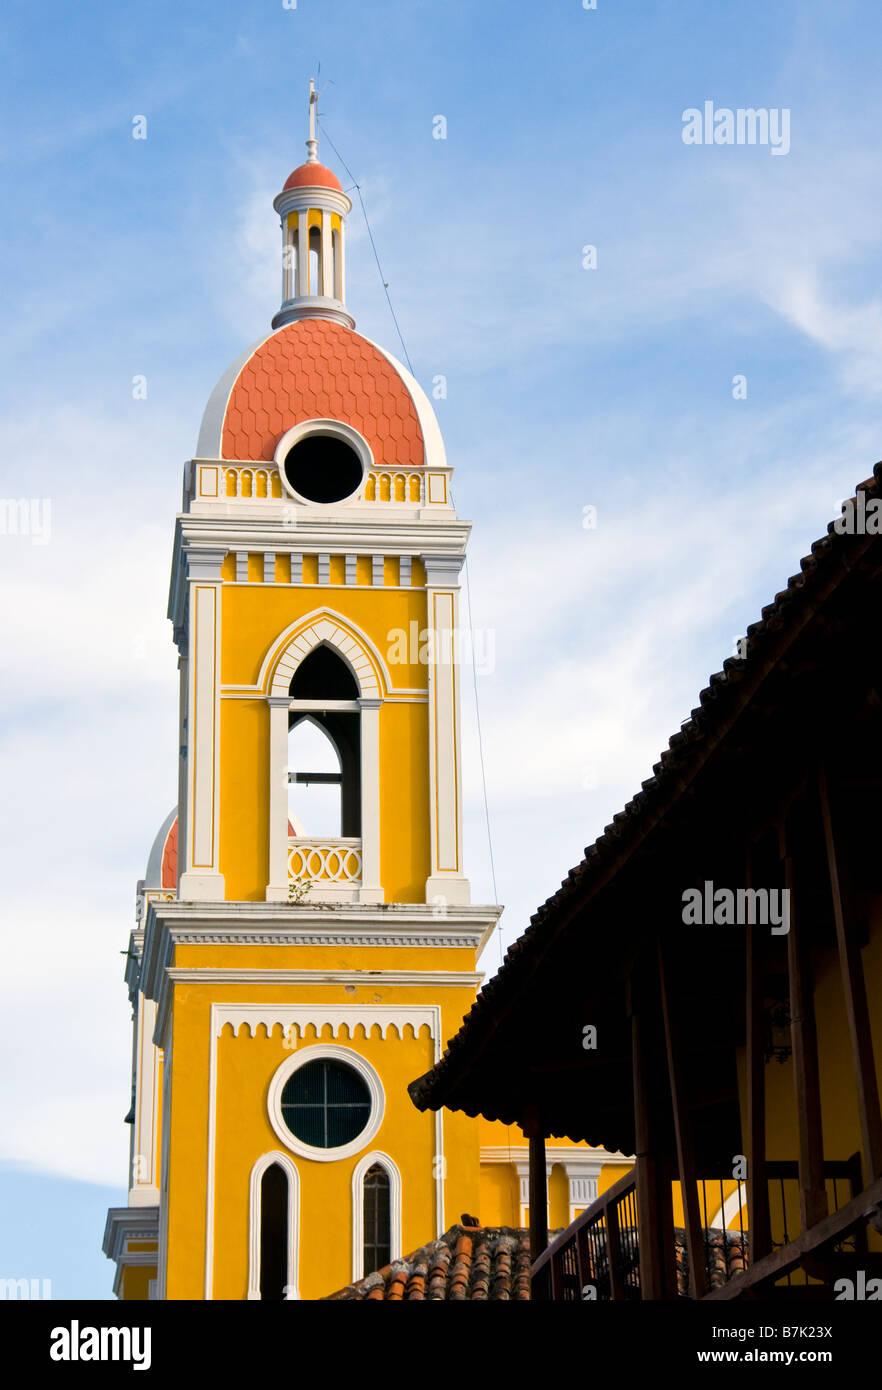 Arquitectura colonial Granada, el campanario de la Catedral y el Hotel La Gran Francia fachada Imagen De Stock